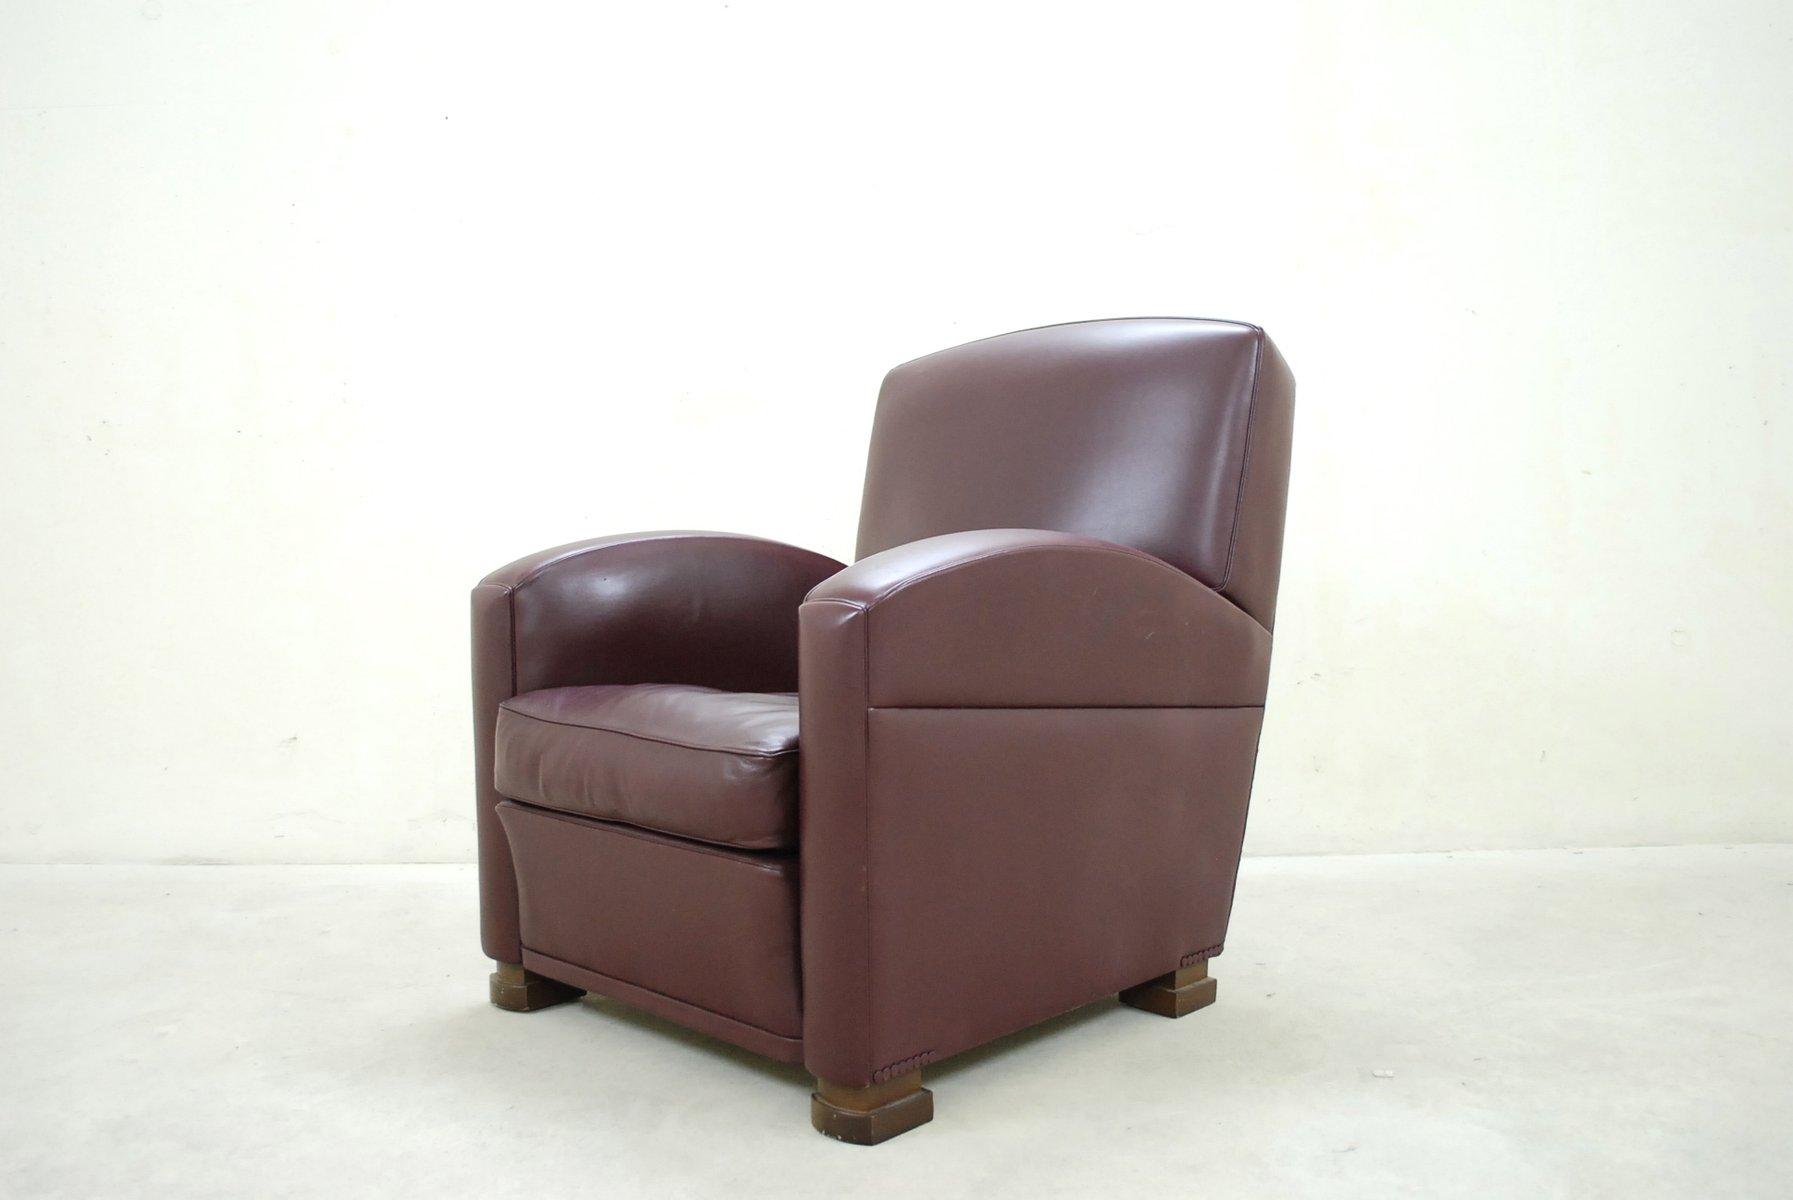 italienischer tabarin leder sessel von poltrona frau 1989 bei pamono kaufen. Black Bedroom Furniture Sets. Home Design Ideas